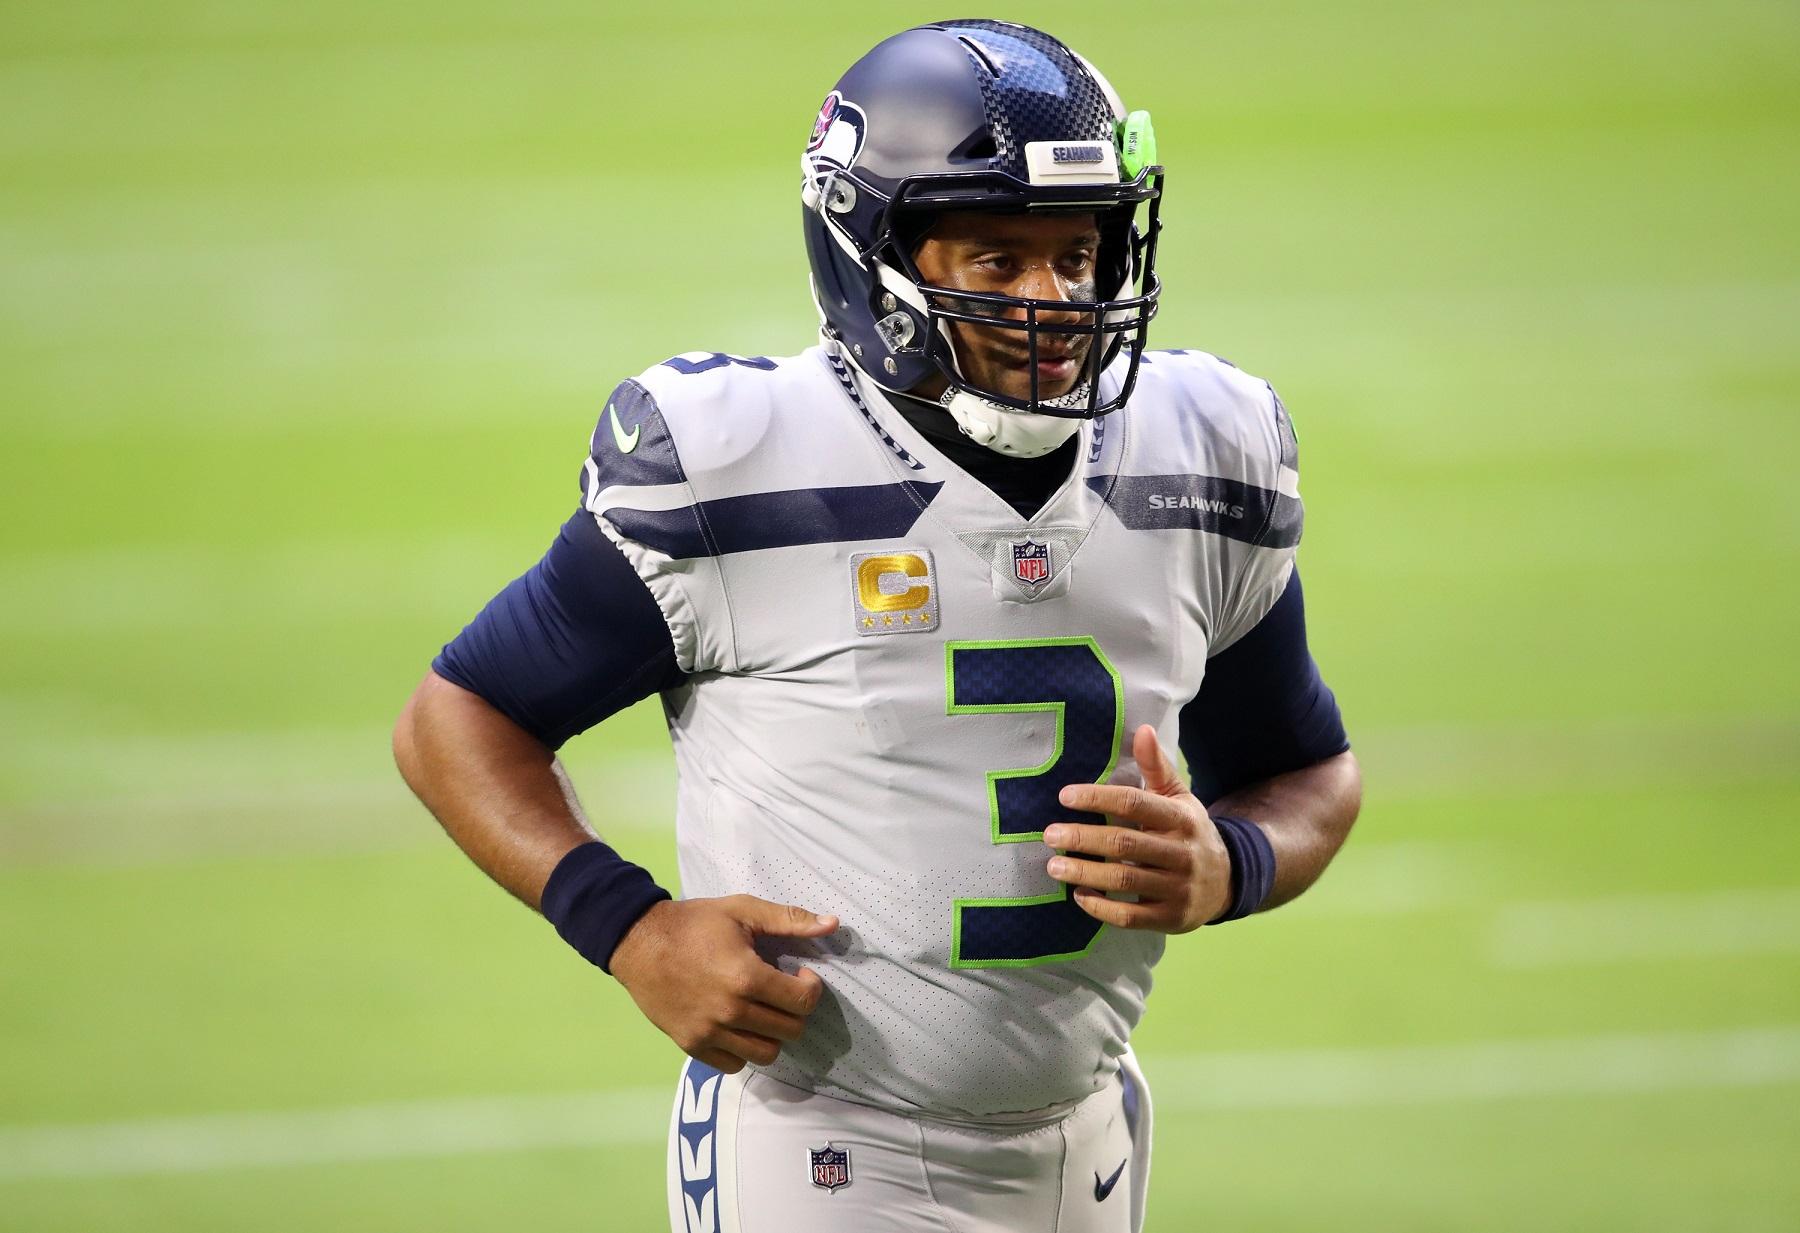 Russell Wilson / Seattle Seahawks